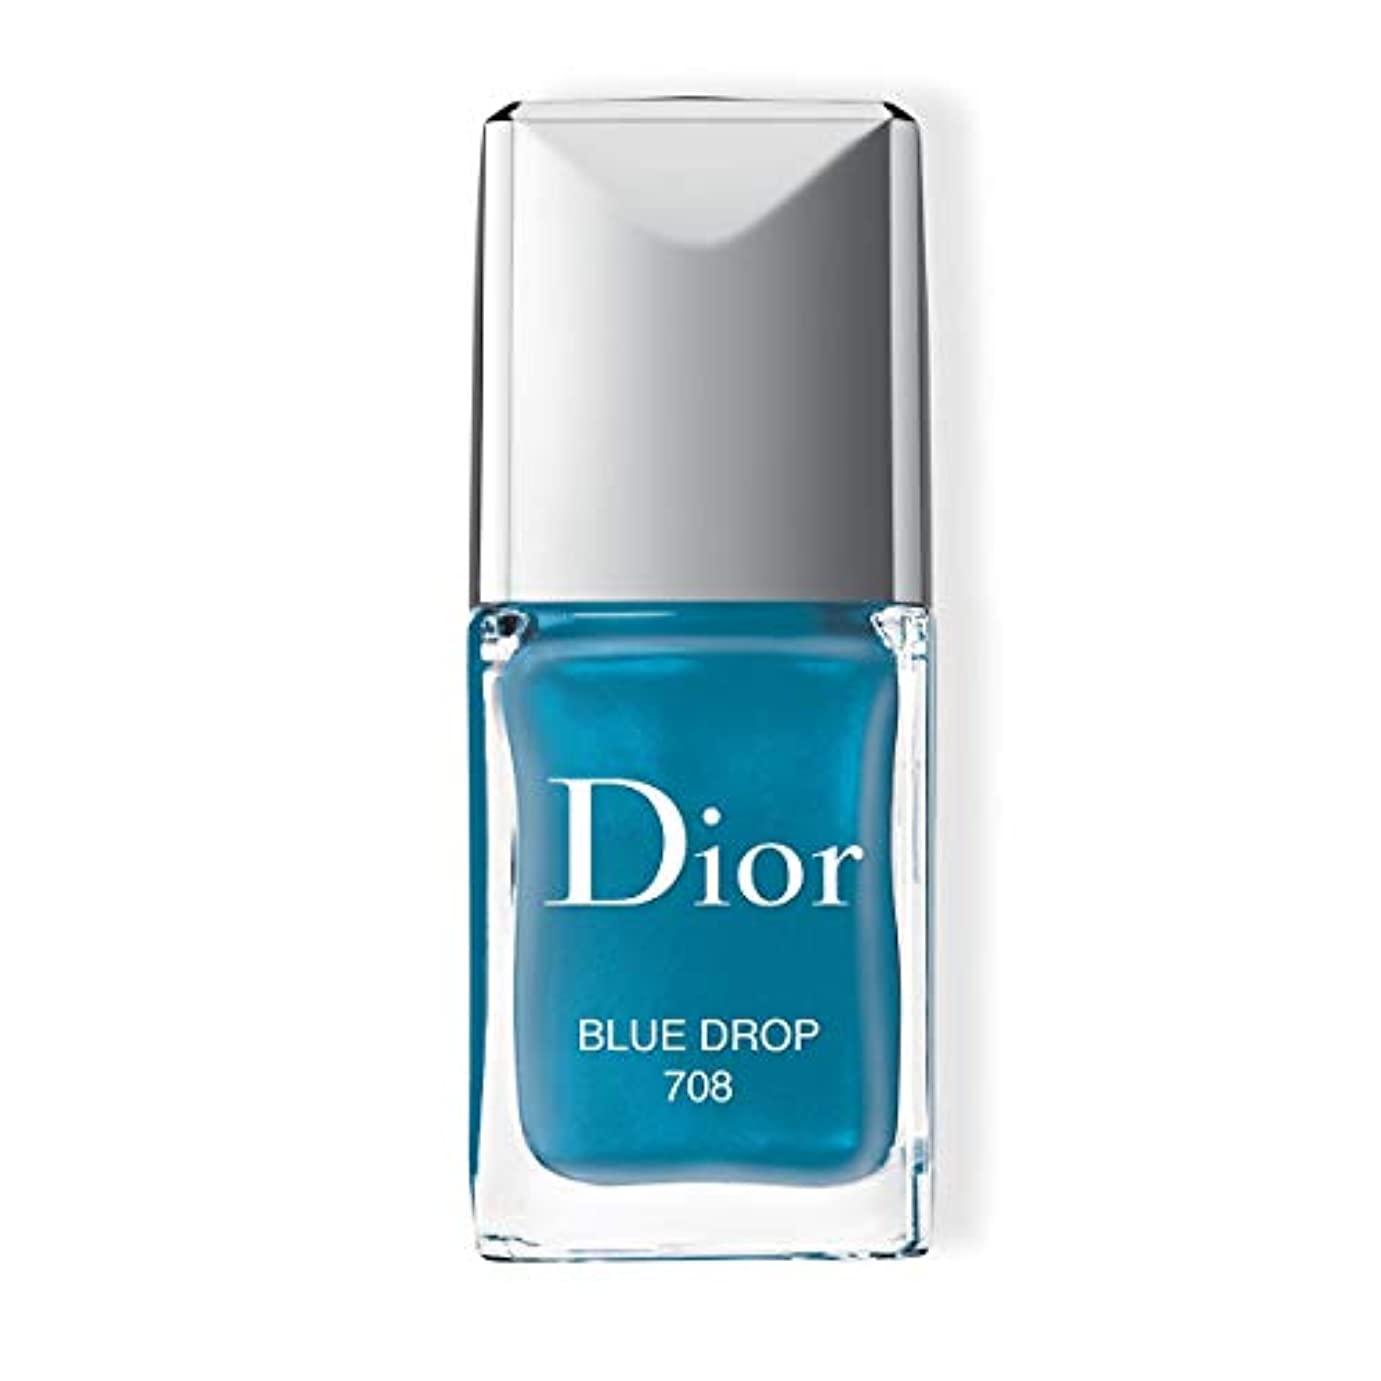 アリ校長拡張Dior(ディオール) ディオール ヴェルニ (708 ブルー ドロップ)